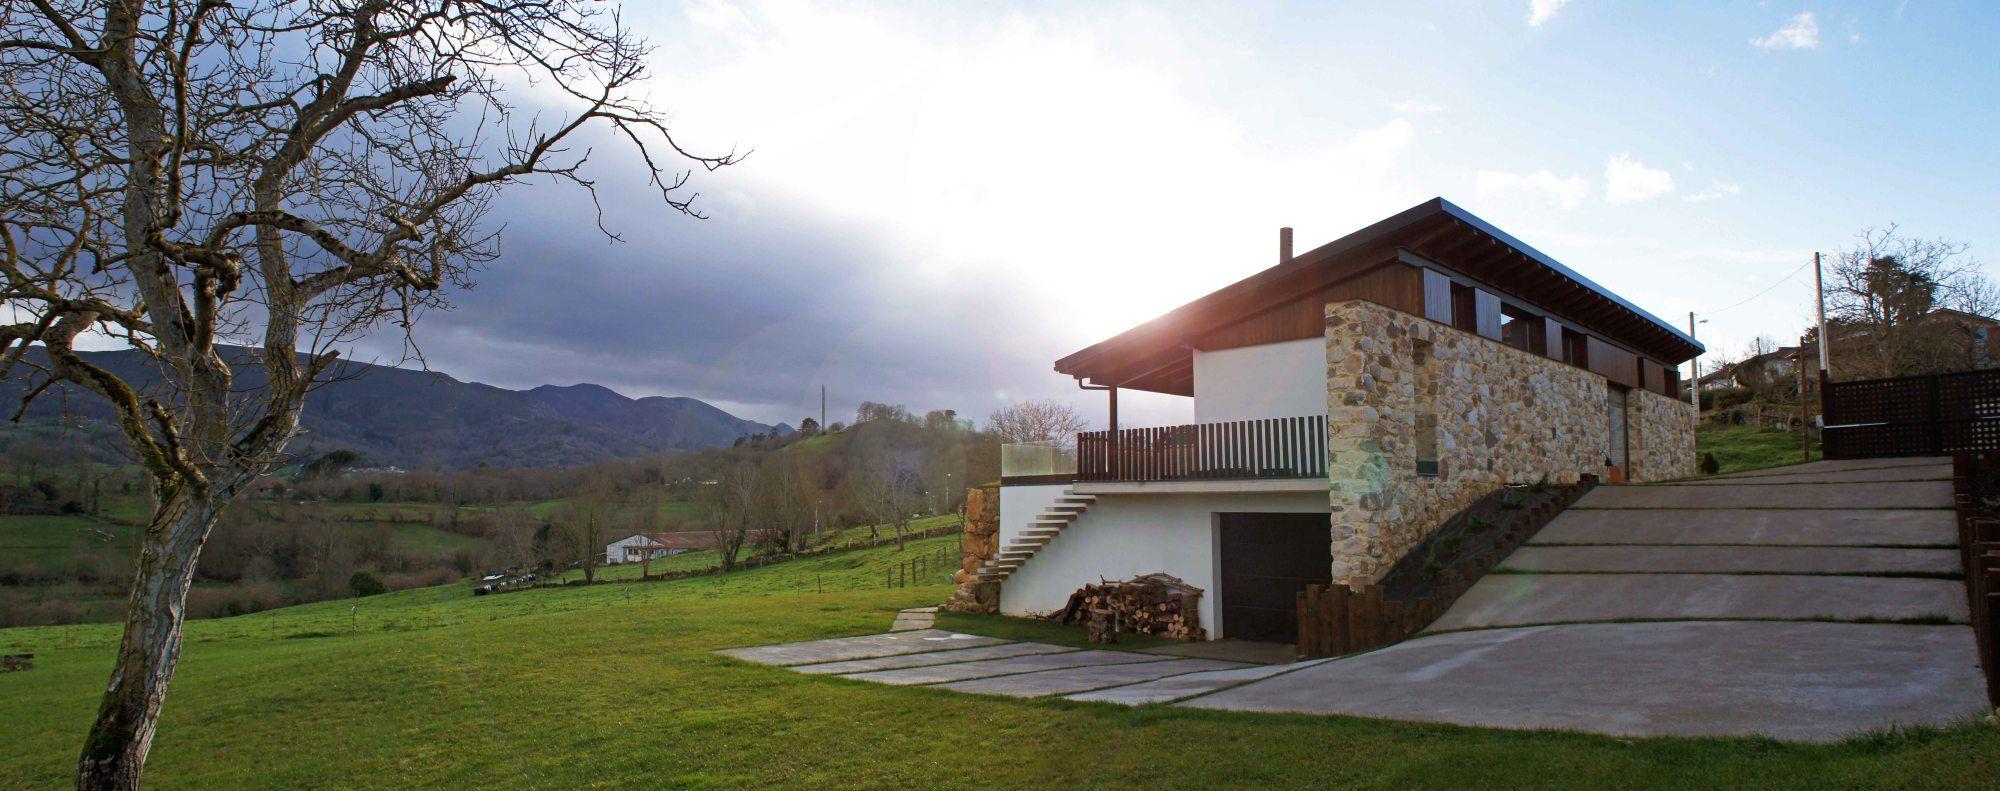 Vivienda en Valles, Piloña, Asturias. Proyecto actualmente en ejecución de una vivienda unifamiliar en el pueblo de Valles, en Piloña, Asturias.Uno de los aspectos más destacados de este proyecto …